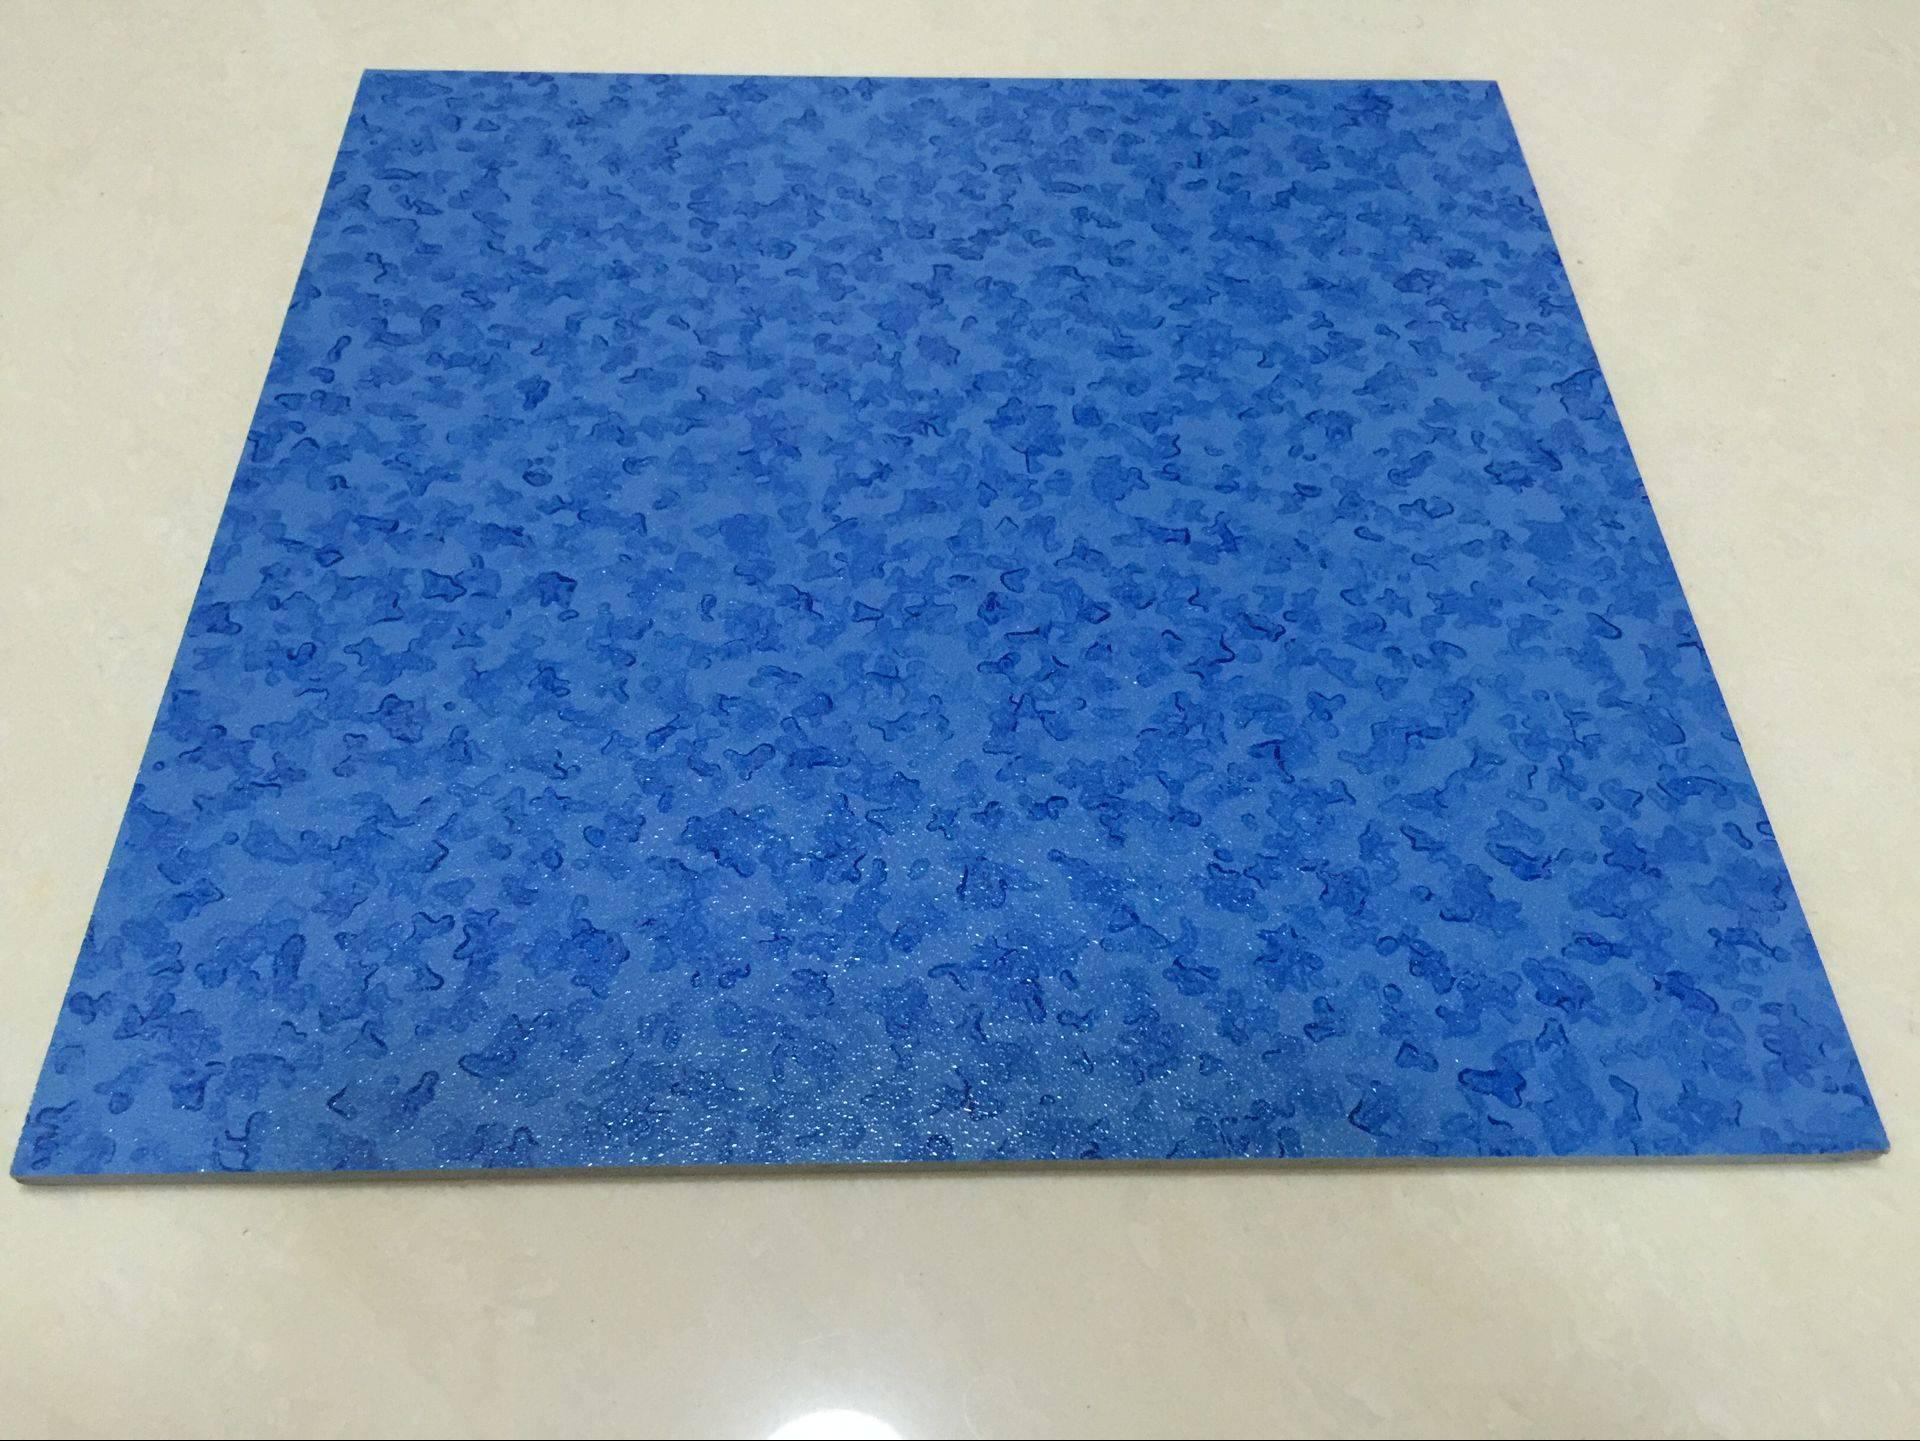 Flexible SPUA Rubber  Flooring